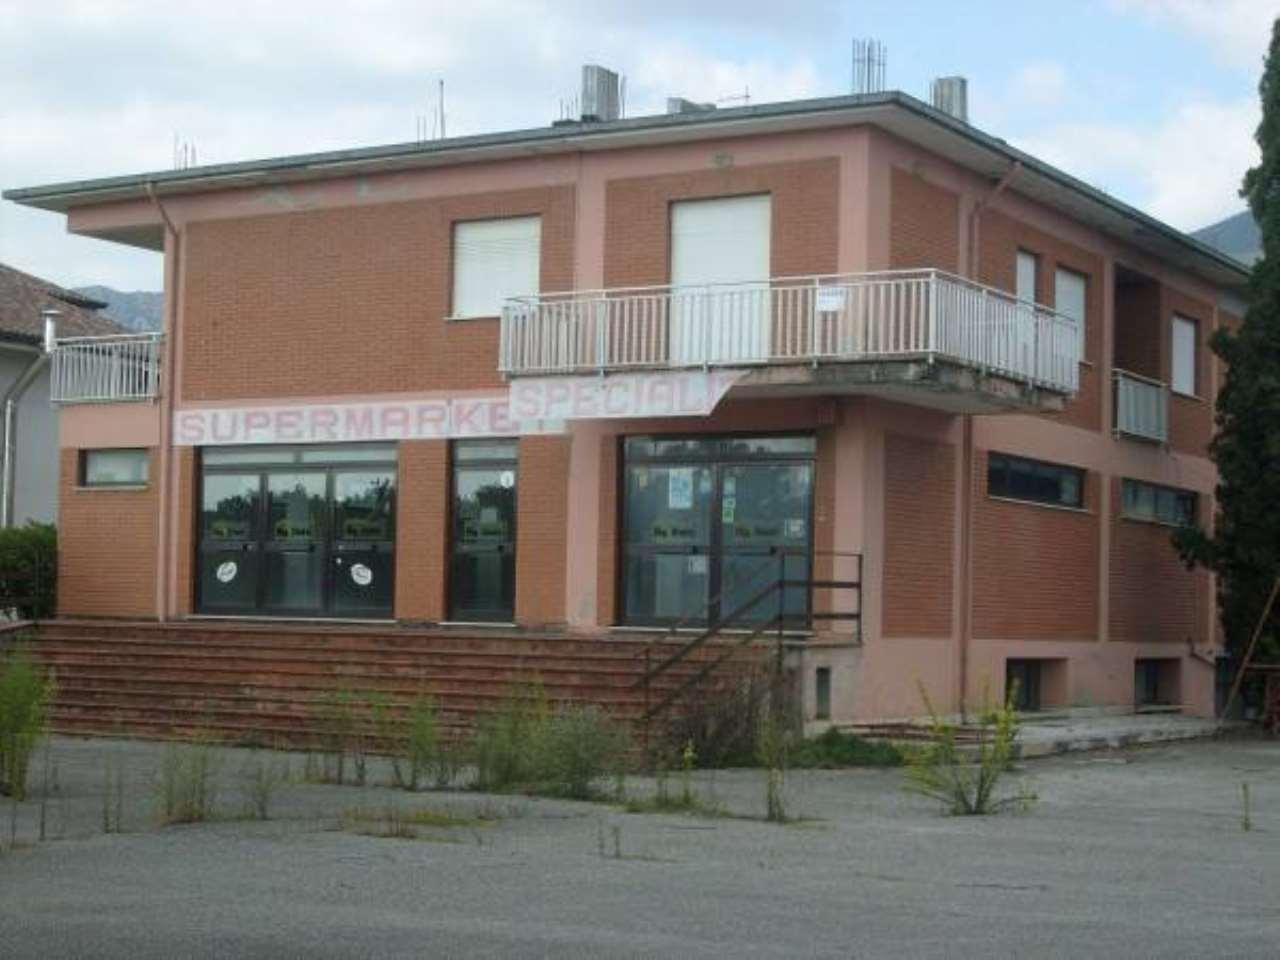 Negozio / Locale in vendita a Castrocielo, 9999 locali, prezzo € 480.000 | CambioCasa.it